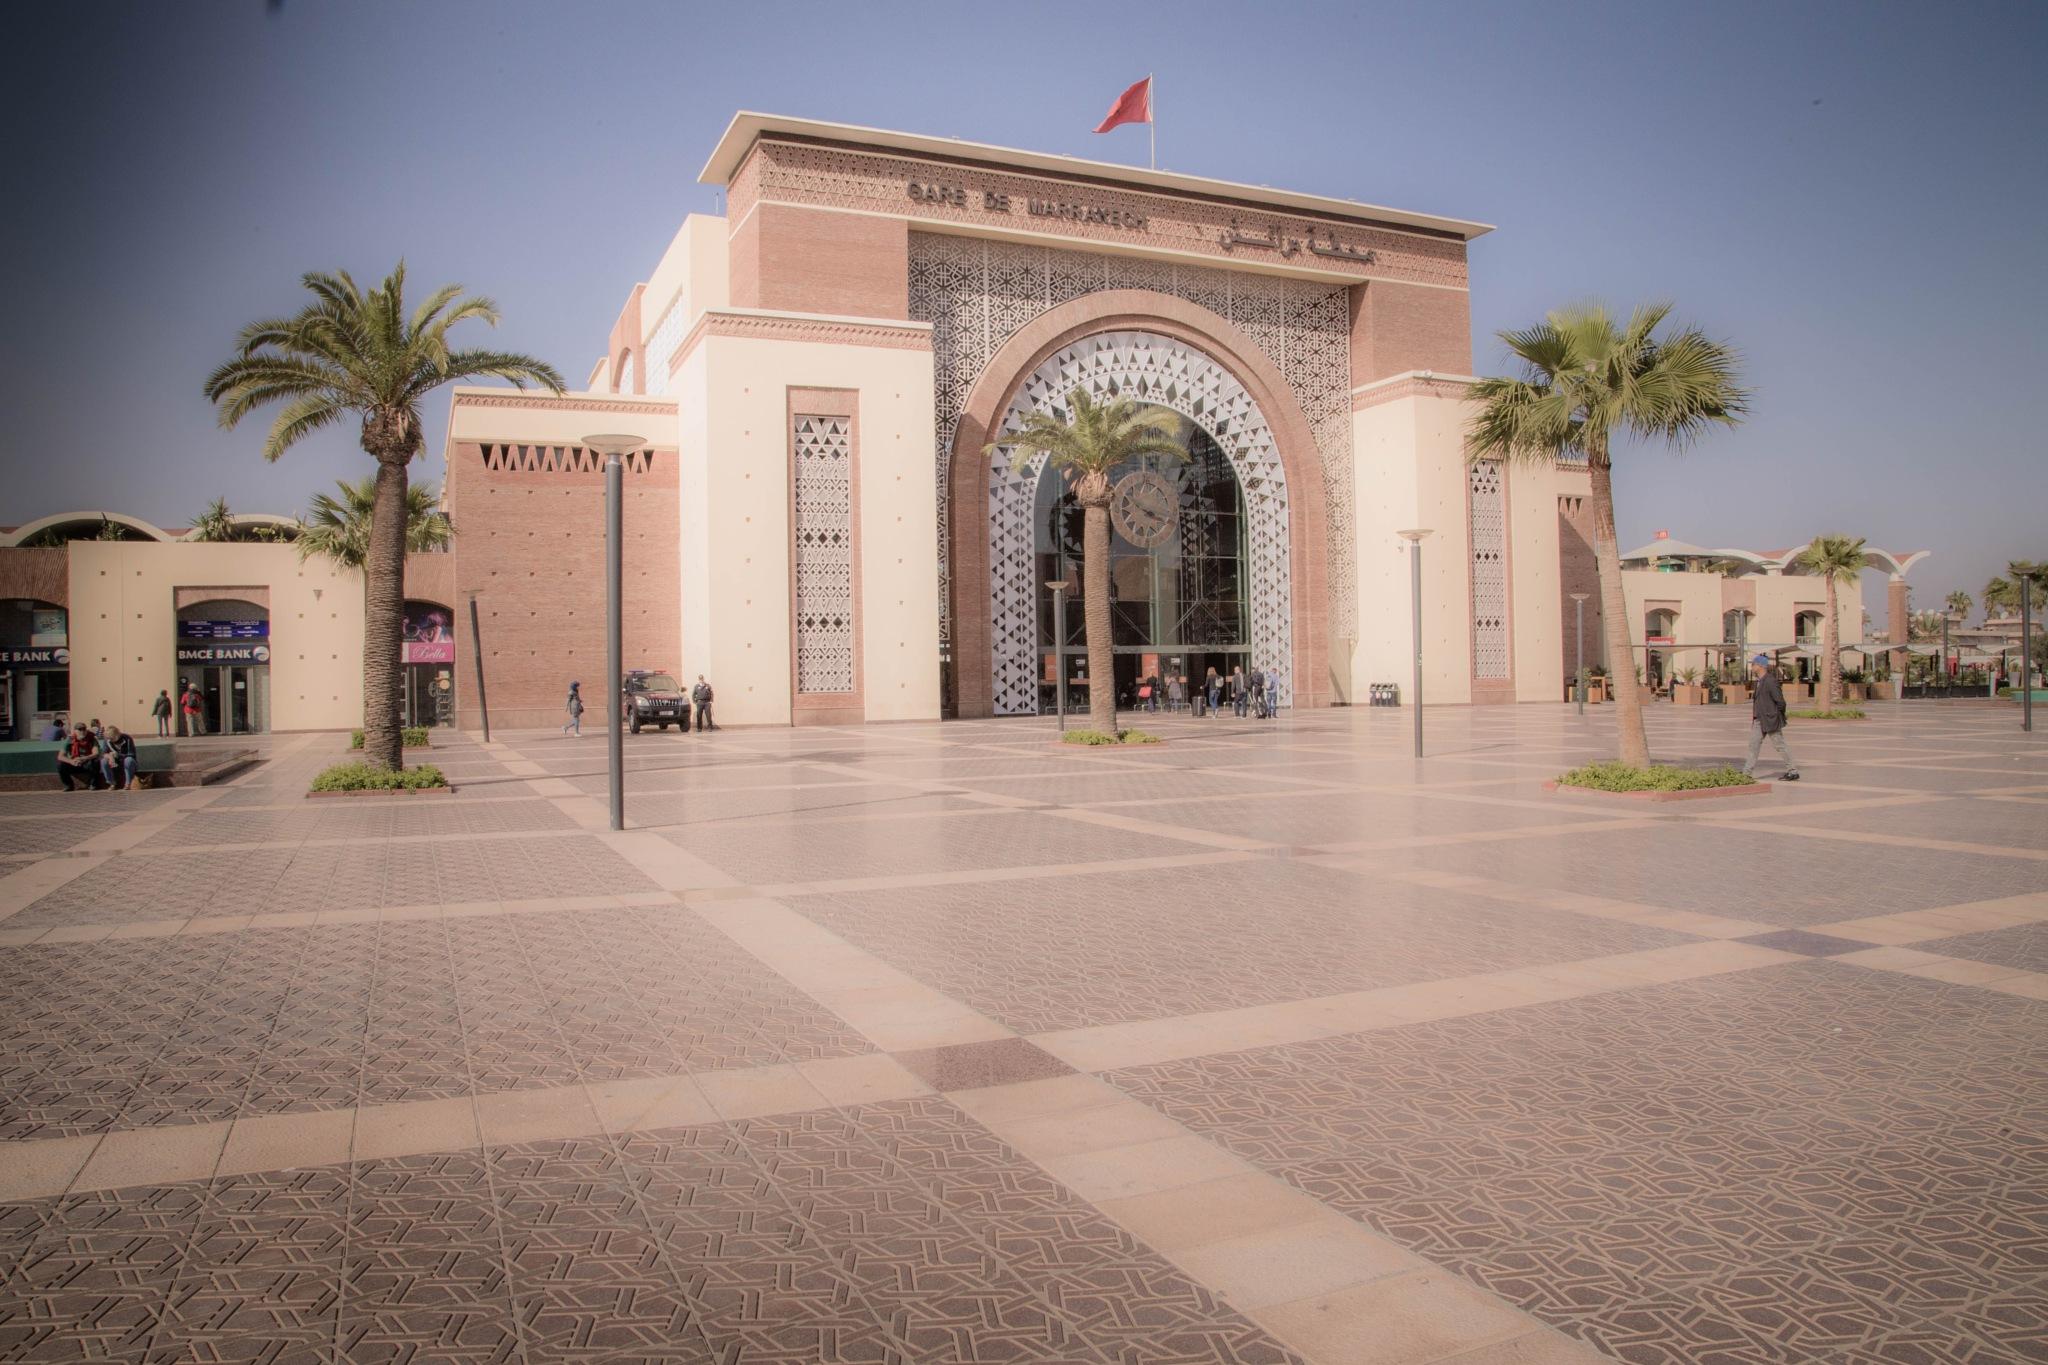 gare de Marrakech by Hervé Moreau